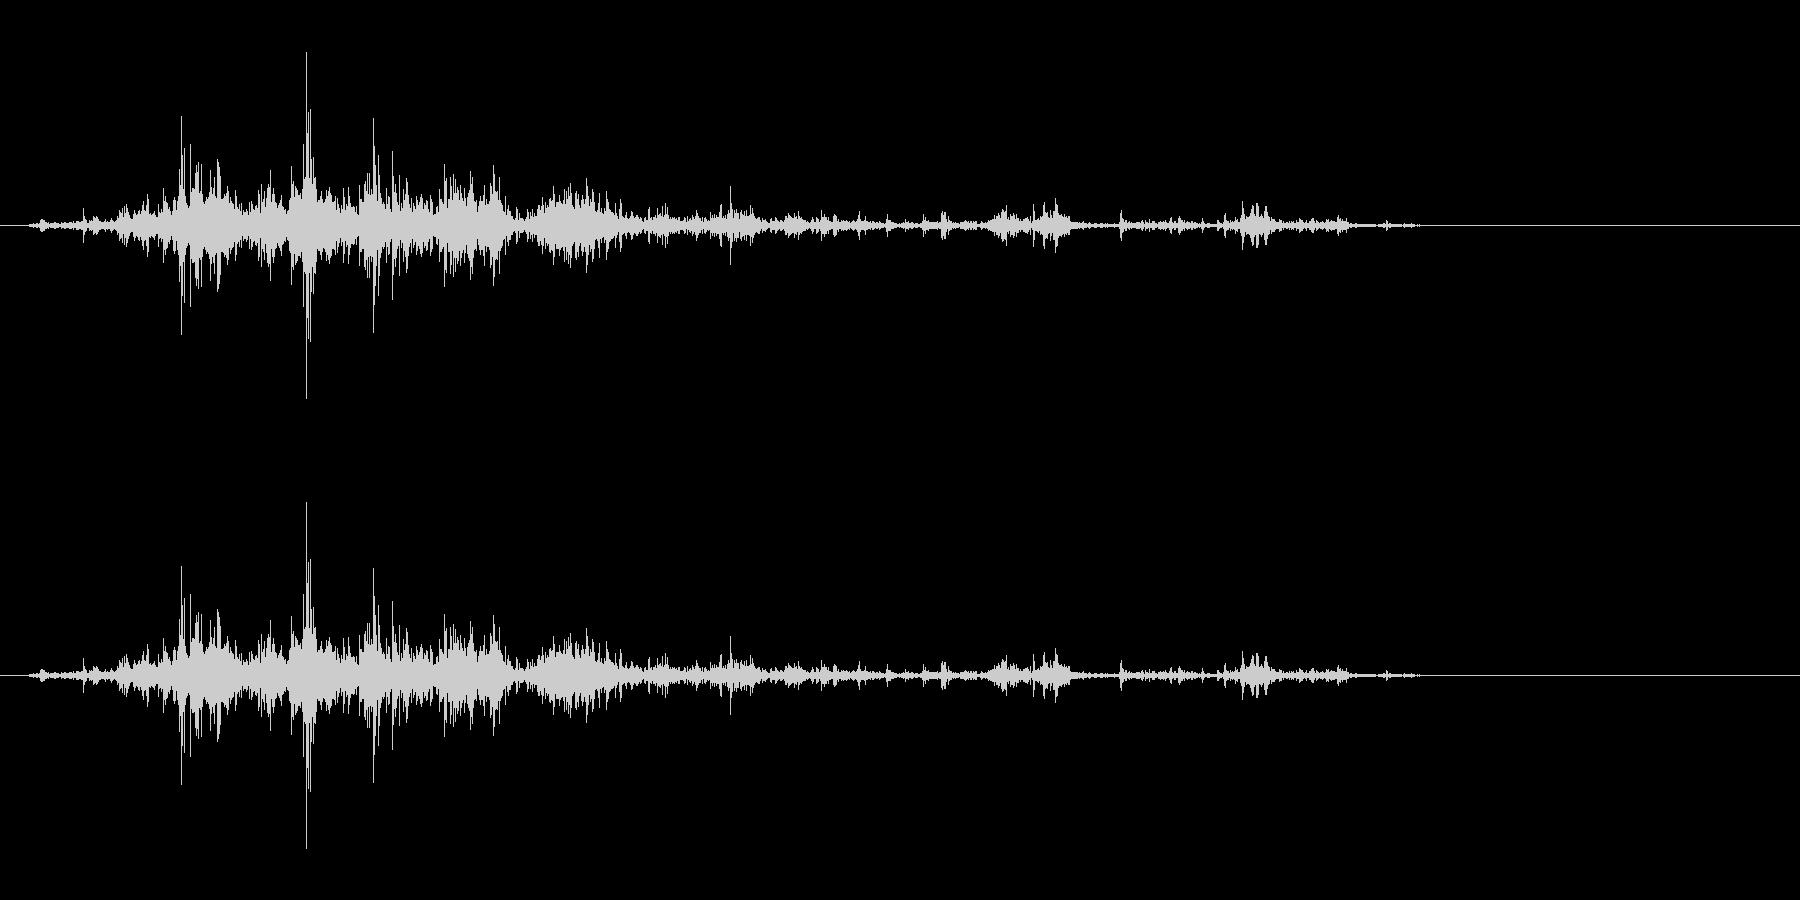 音侍「ガラガラ…」木片シェーカーの振り音の未再生の波形